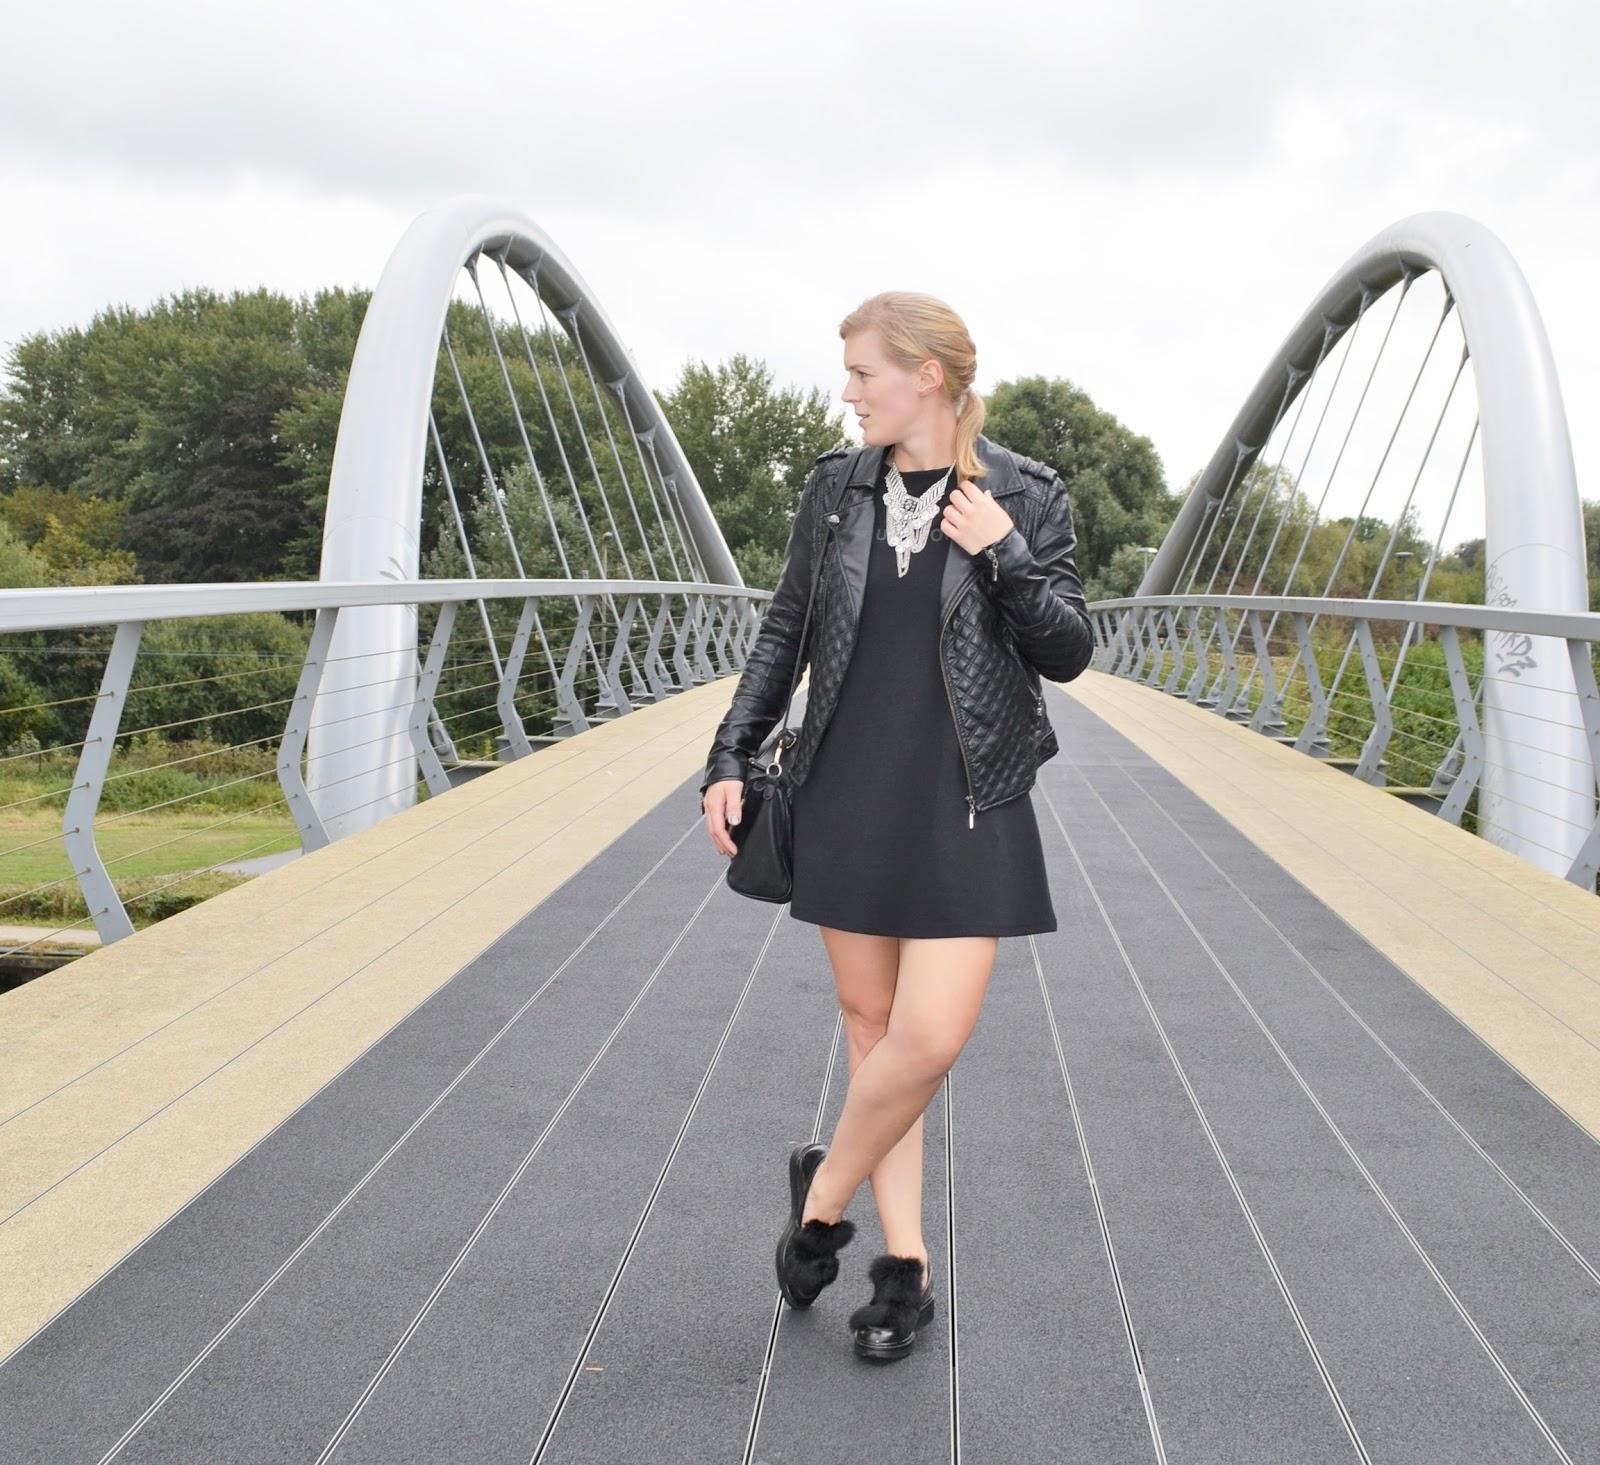 DSC 0002 | Eline Van Dingenen